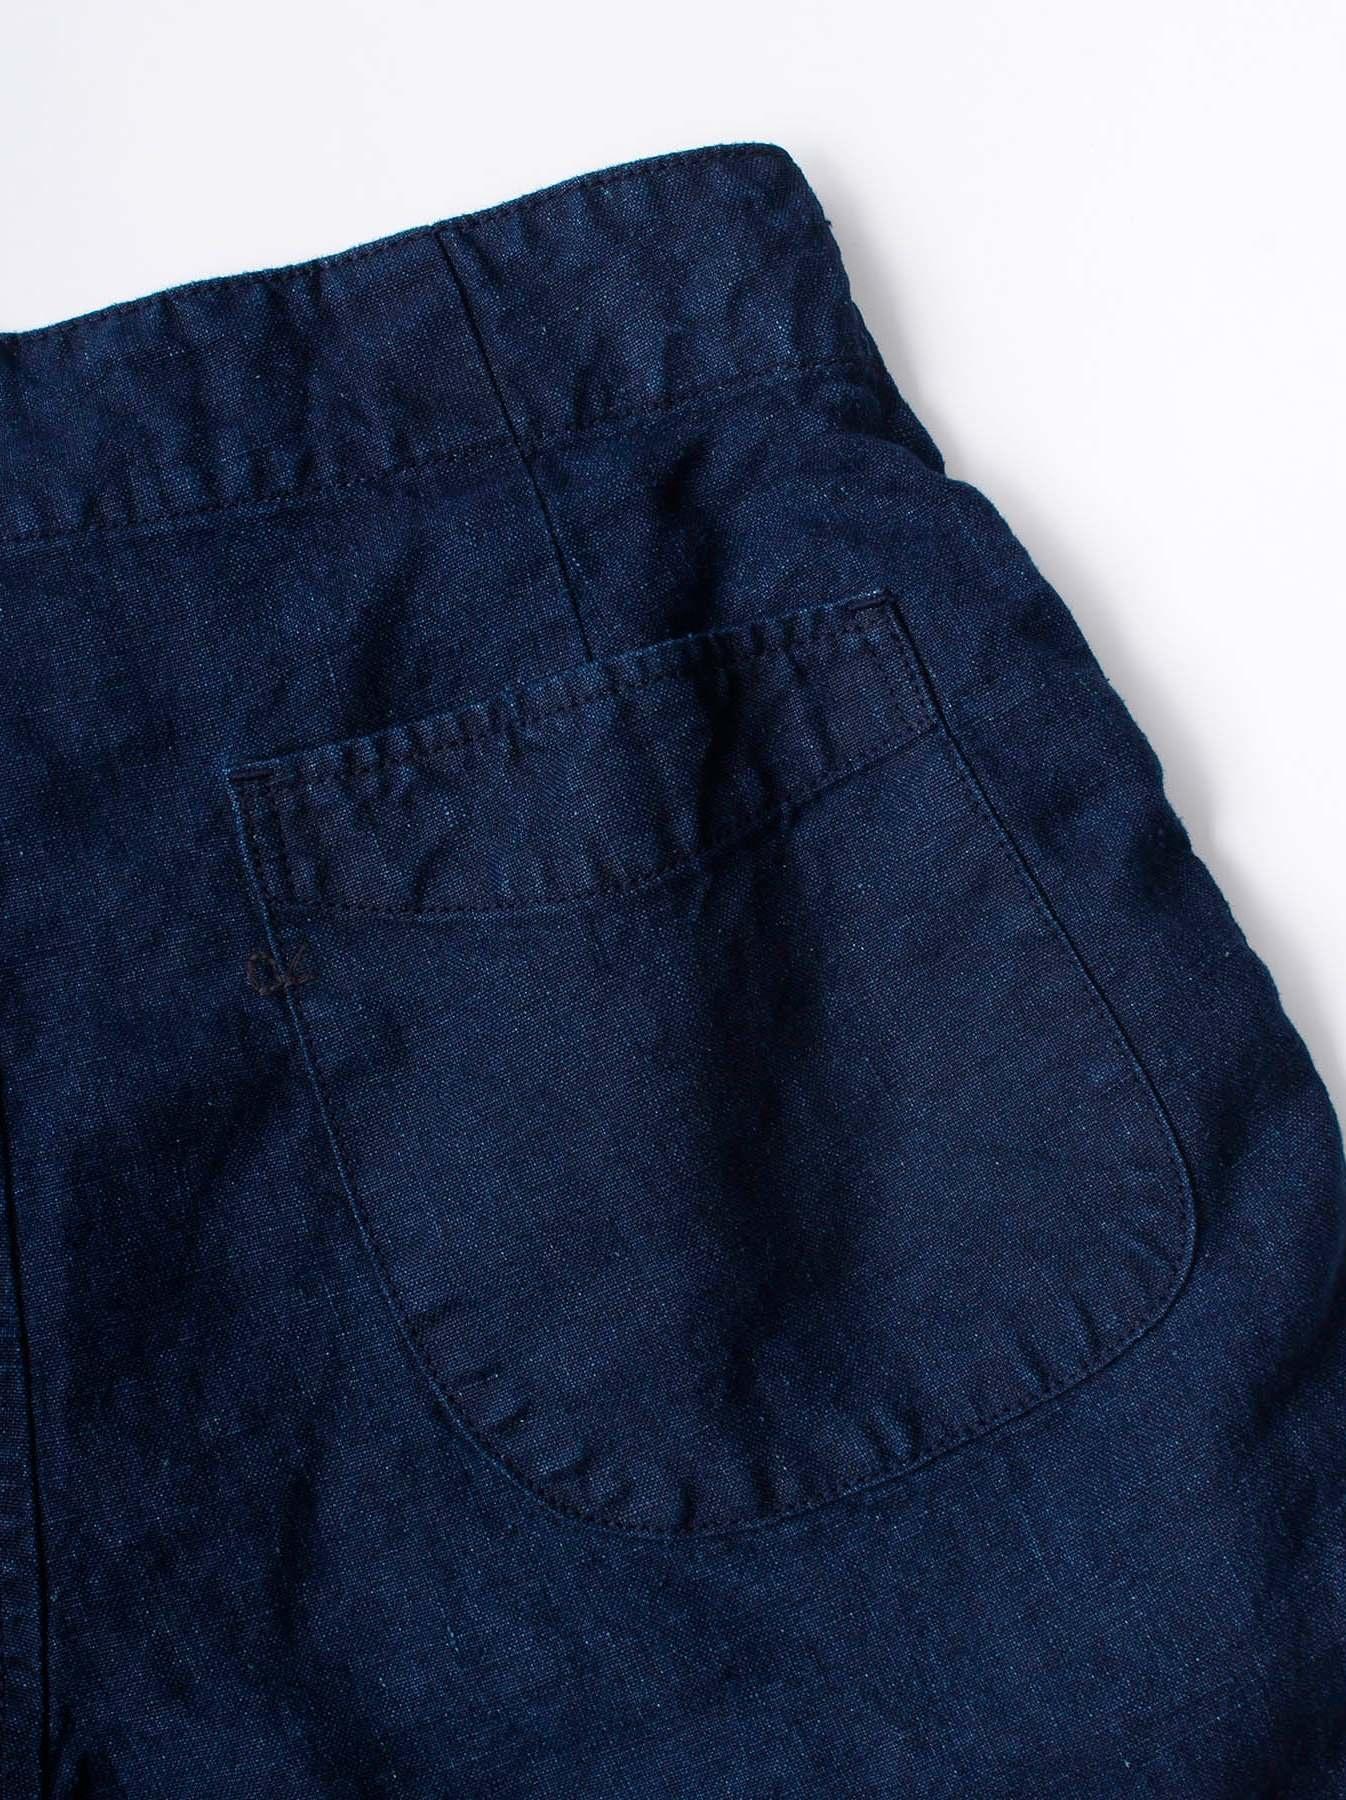 WH Indigo Doek Majotae Umiiloha 908 Short Pants-9